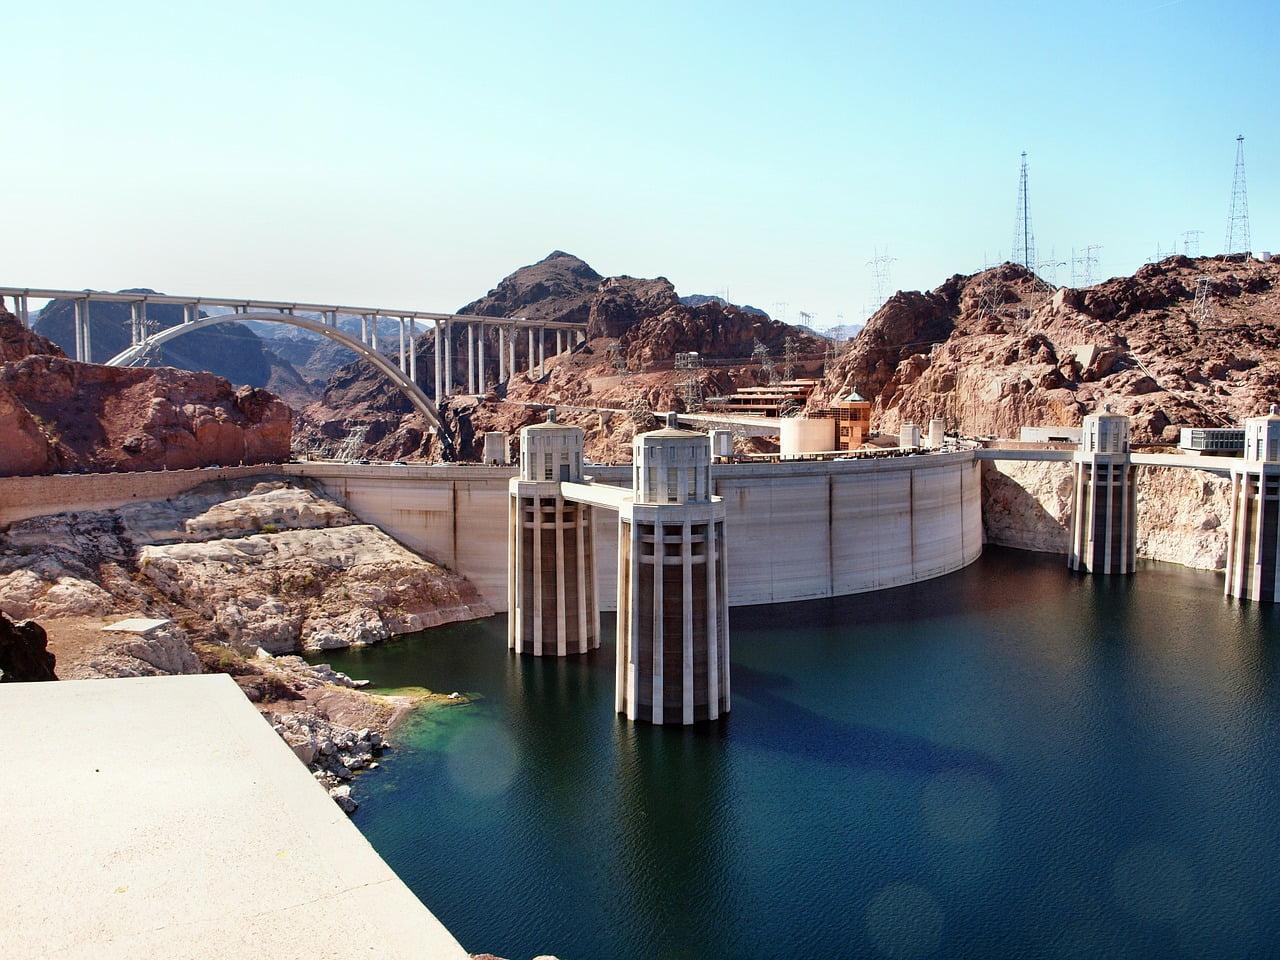 Uno dei posto da vedere nelle vicinanze di Las Vegas è la diga di Hoover. Una maestosa struttura ingegneristica statunitense.